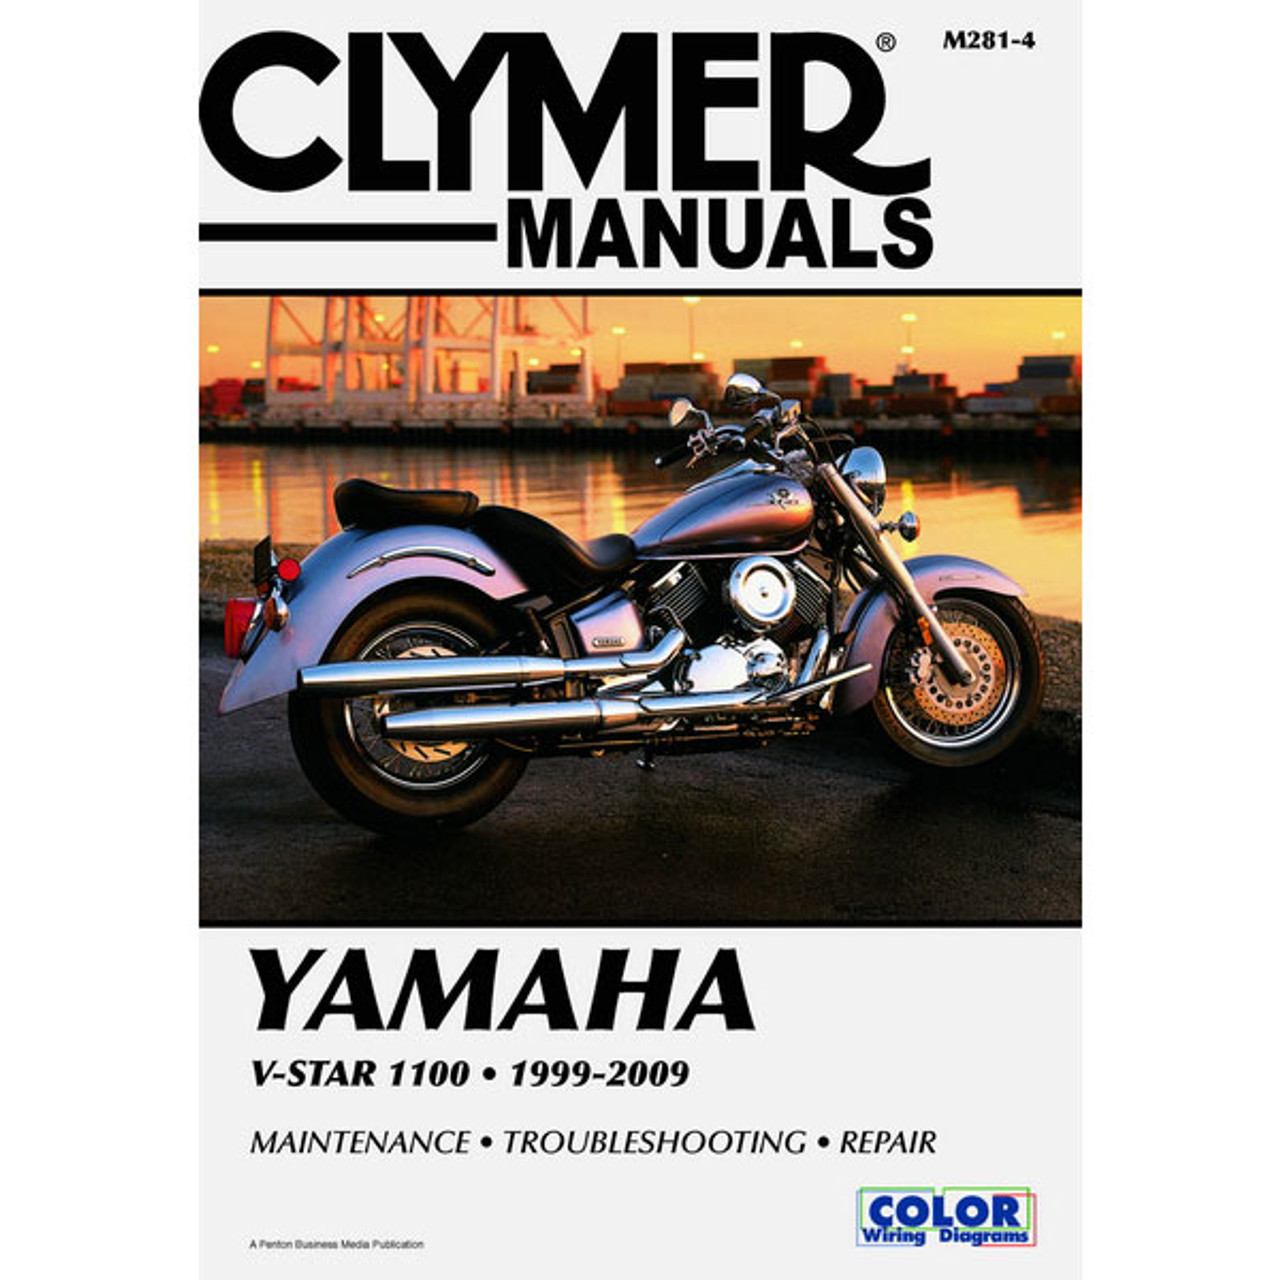 yamaha 1100 wiring diagram [ 1280 x 1280 Pixel ]